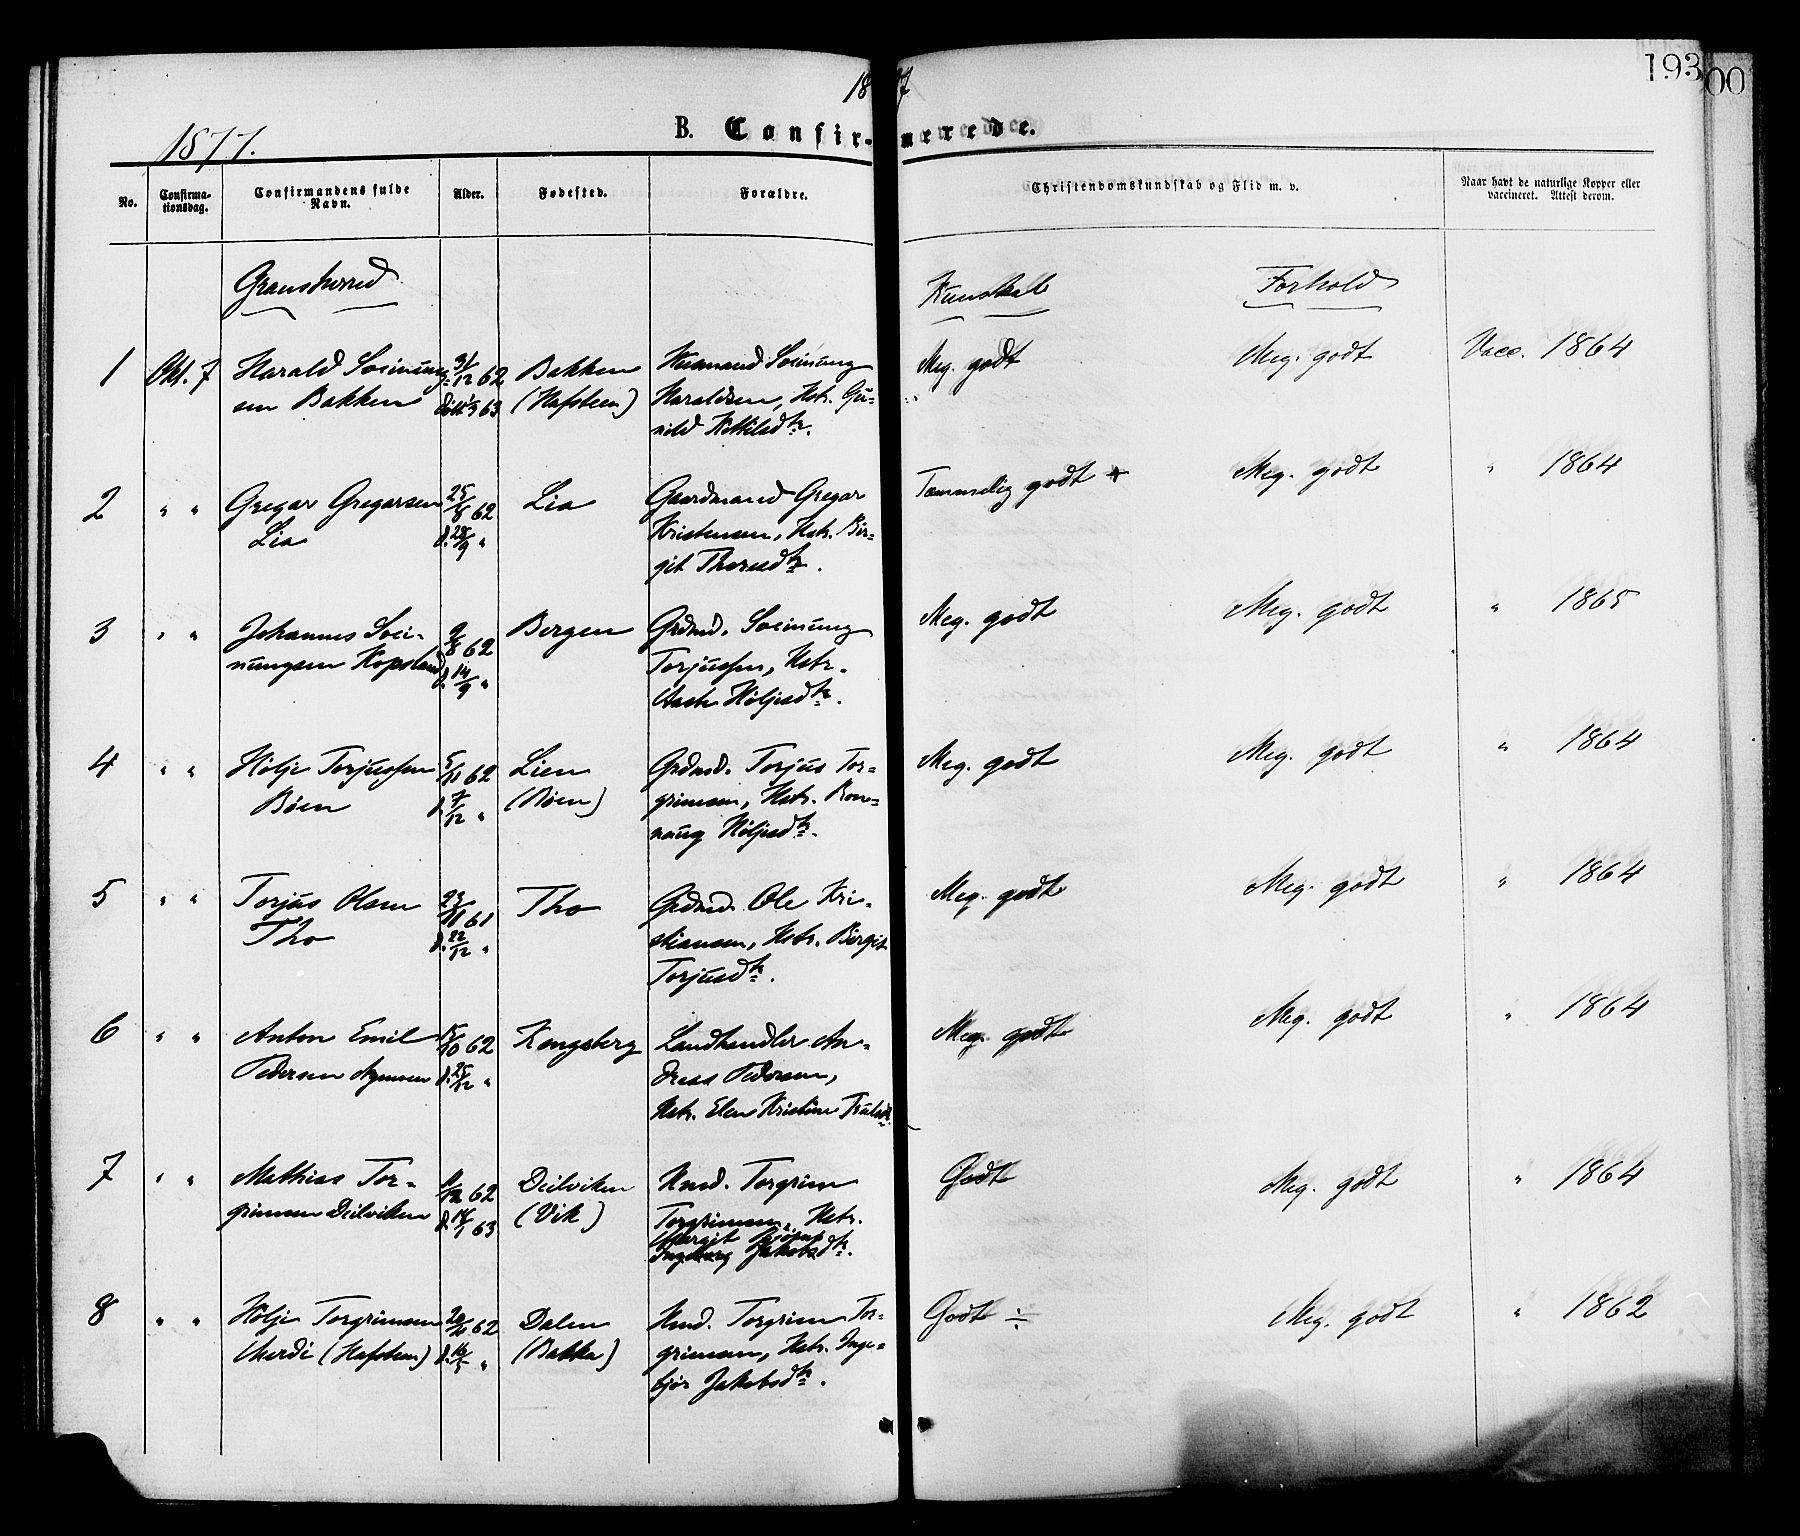 SAKO, Gransherad kirkebøker, F/Fa/L0004: Ministerialbok nr. I 4, 1871-1886, s. 193